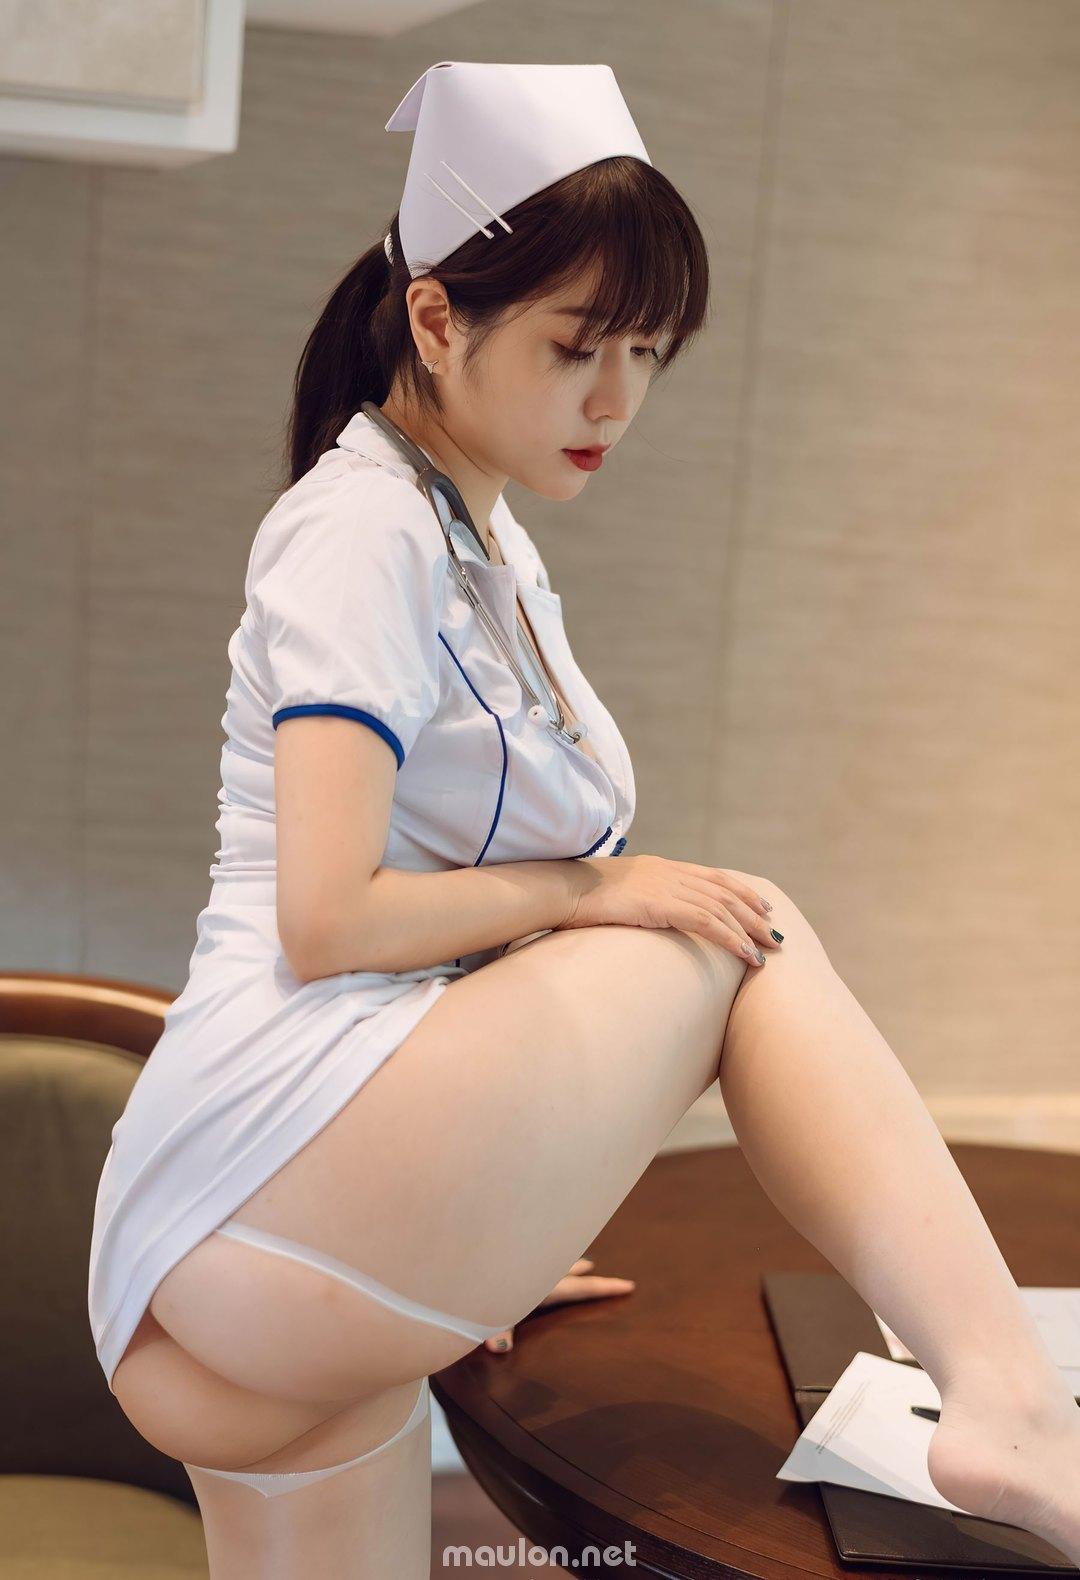 MauLon.Net - Hình ảnh nữ y tá sexy xiuren 01